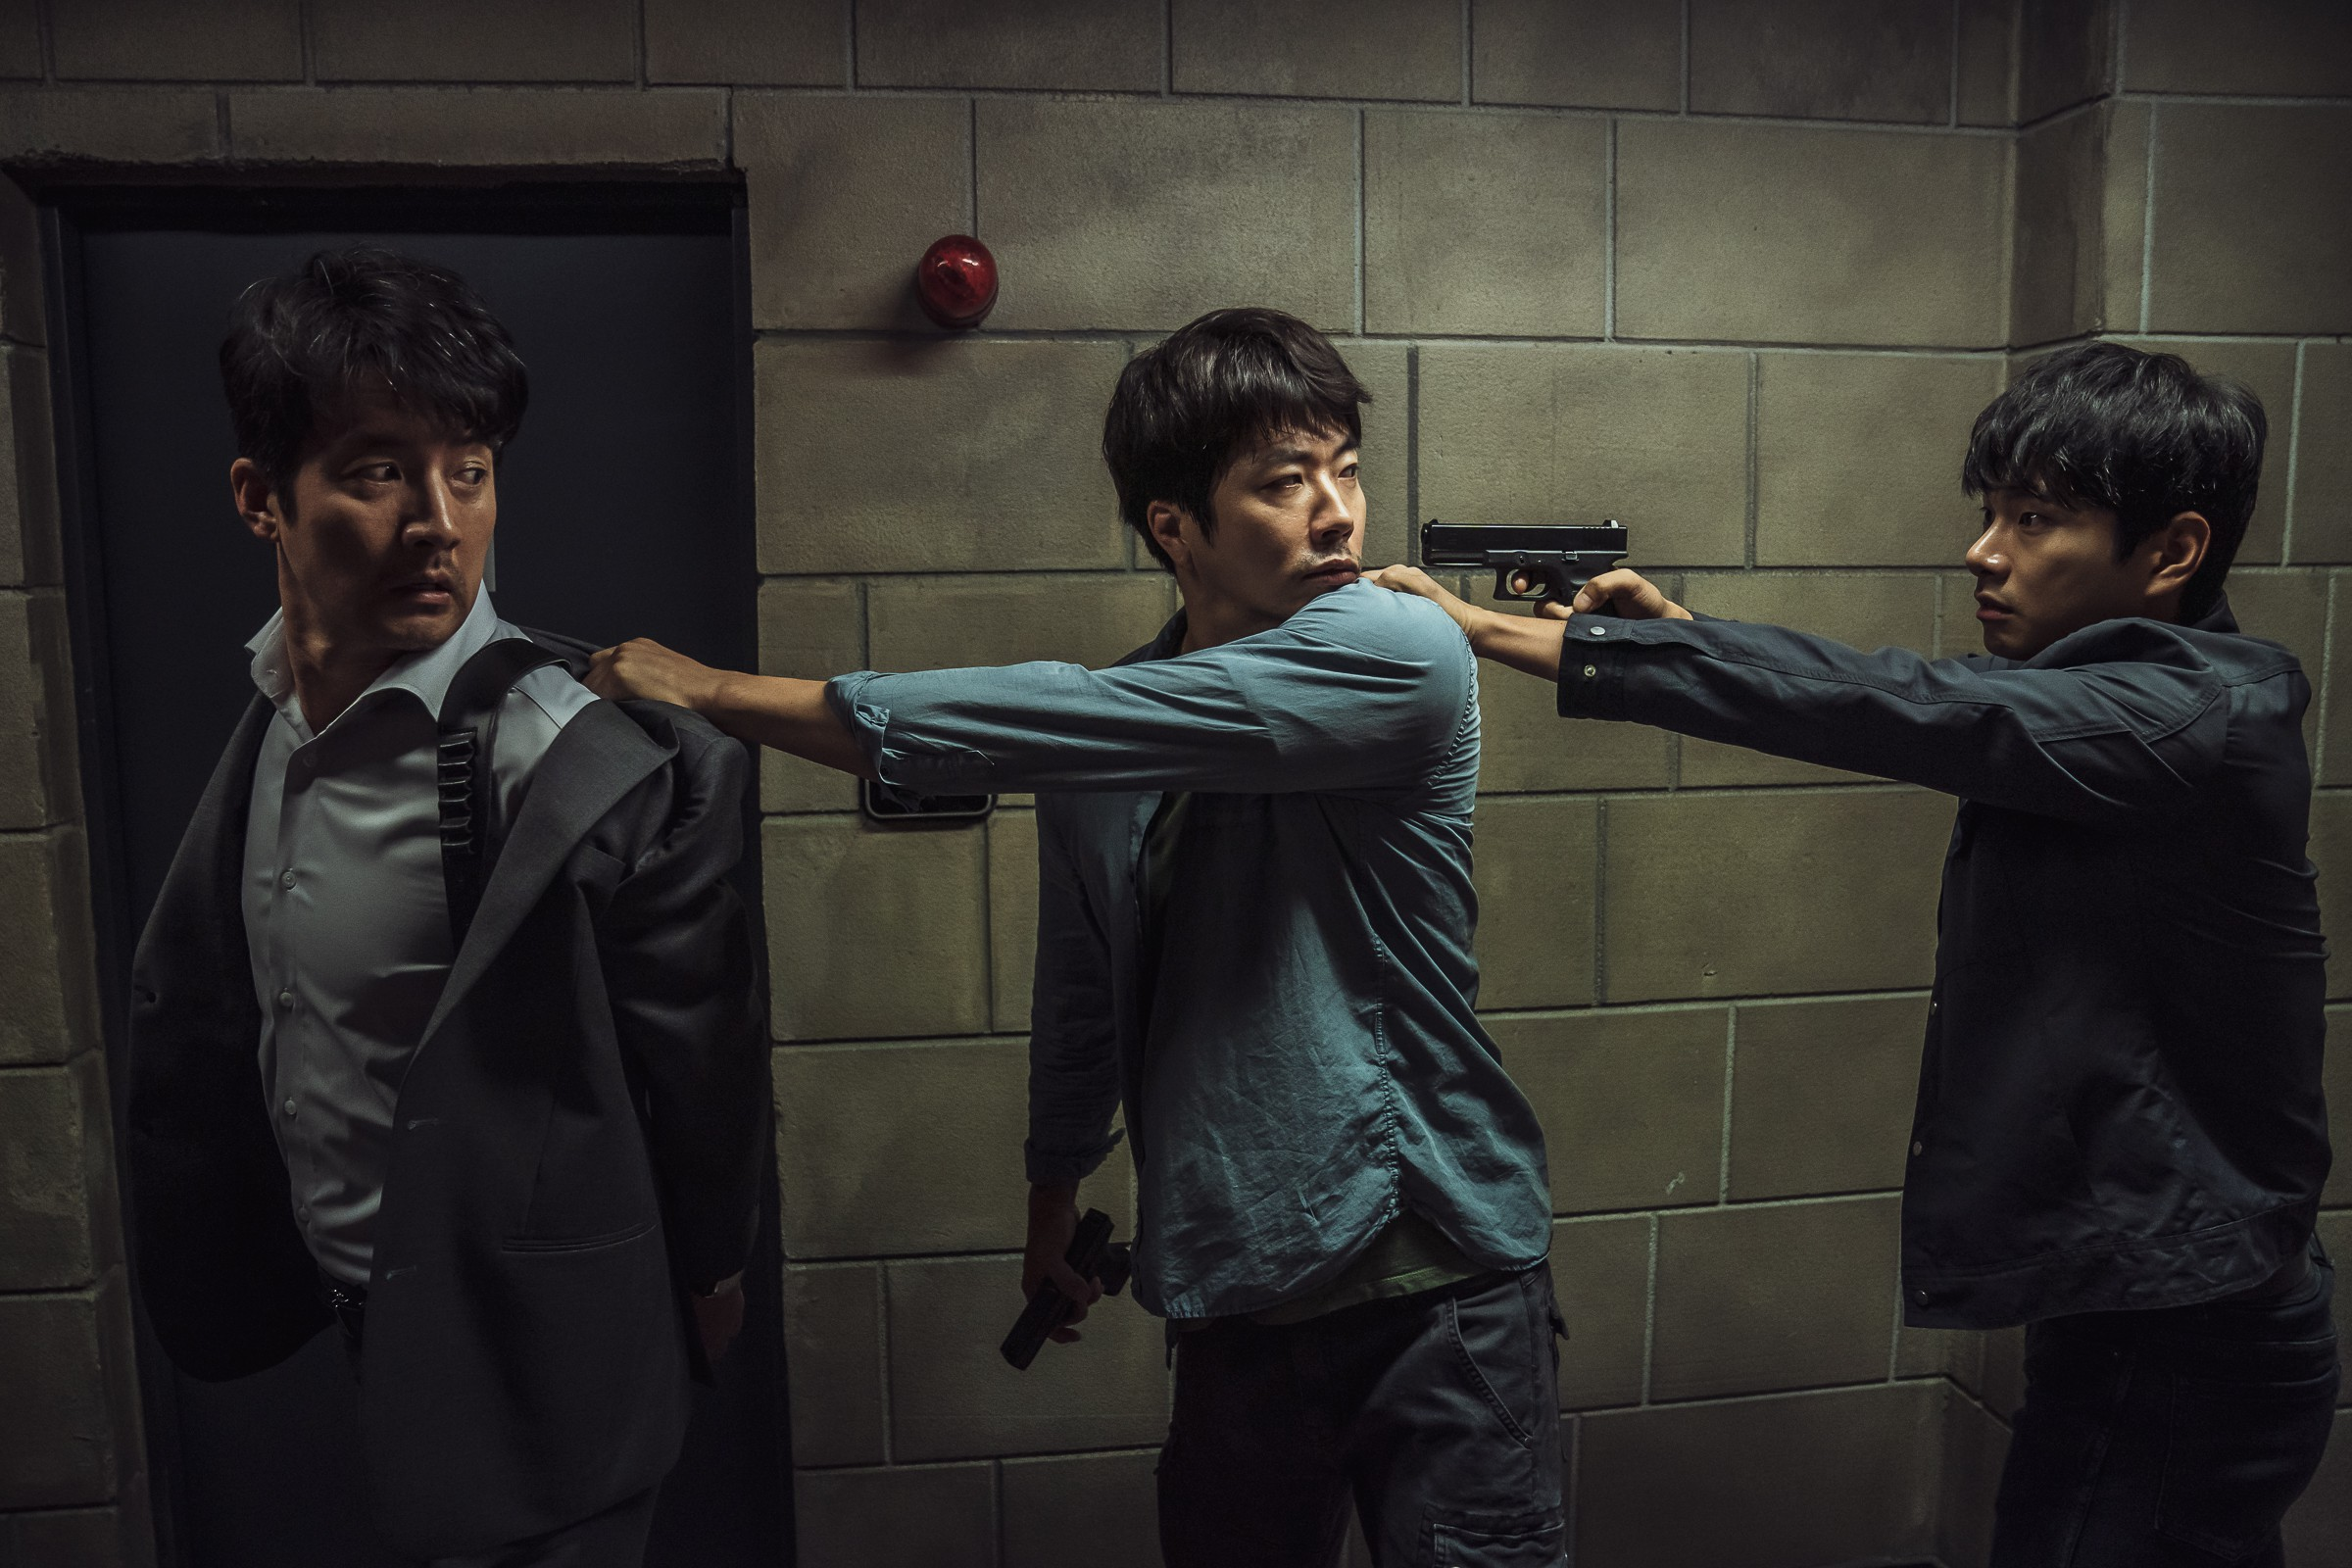 《大畫特務》鄭俊鎬、權相佑、李伊庚爆笑演技引爆口碑